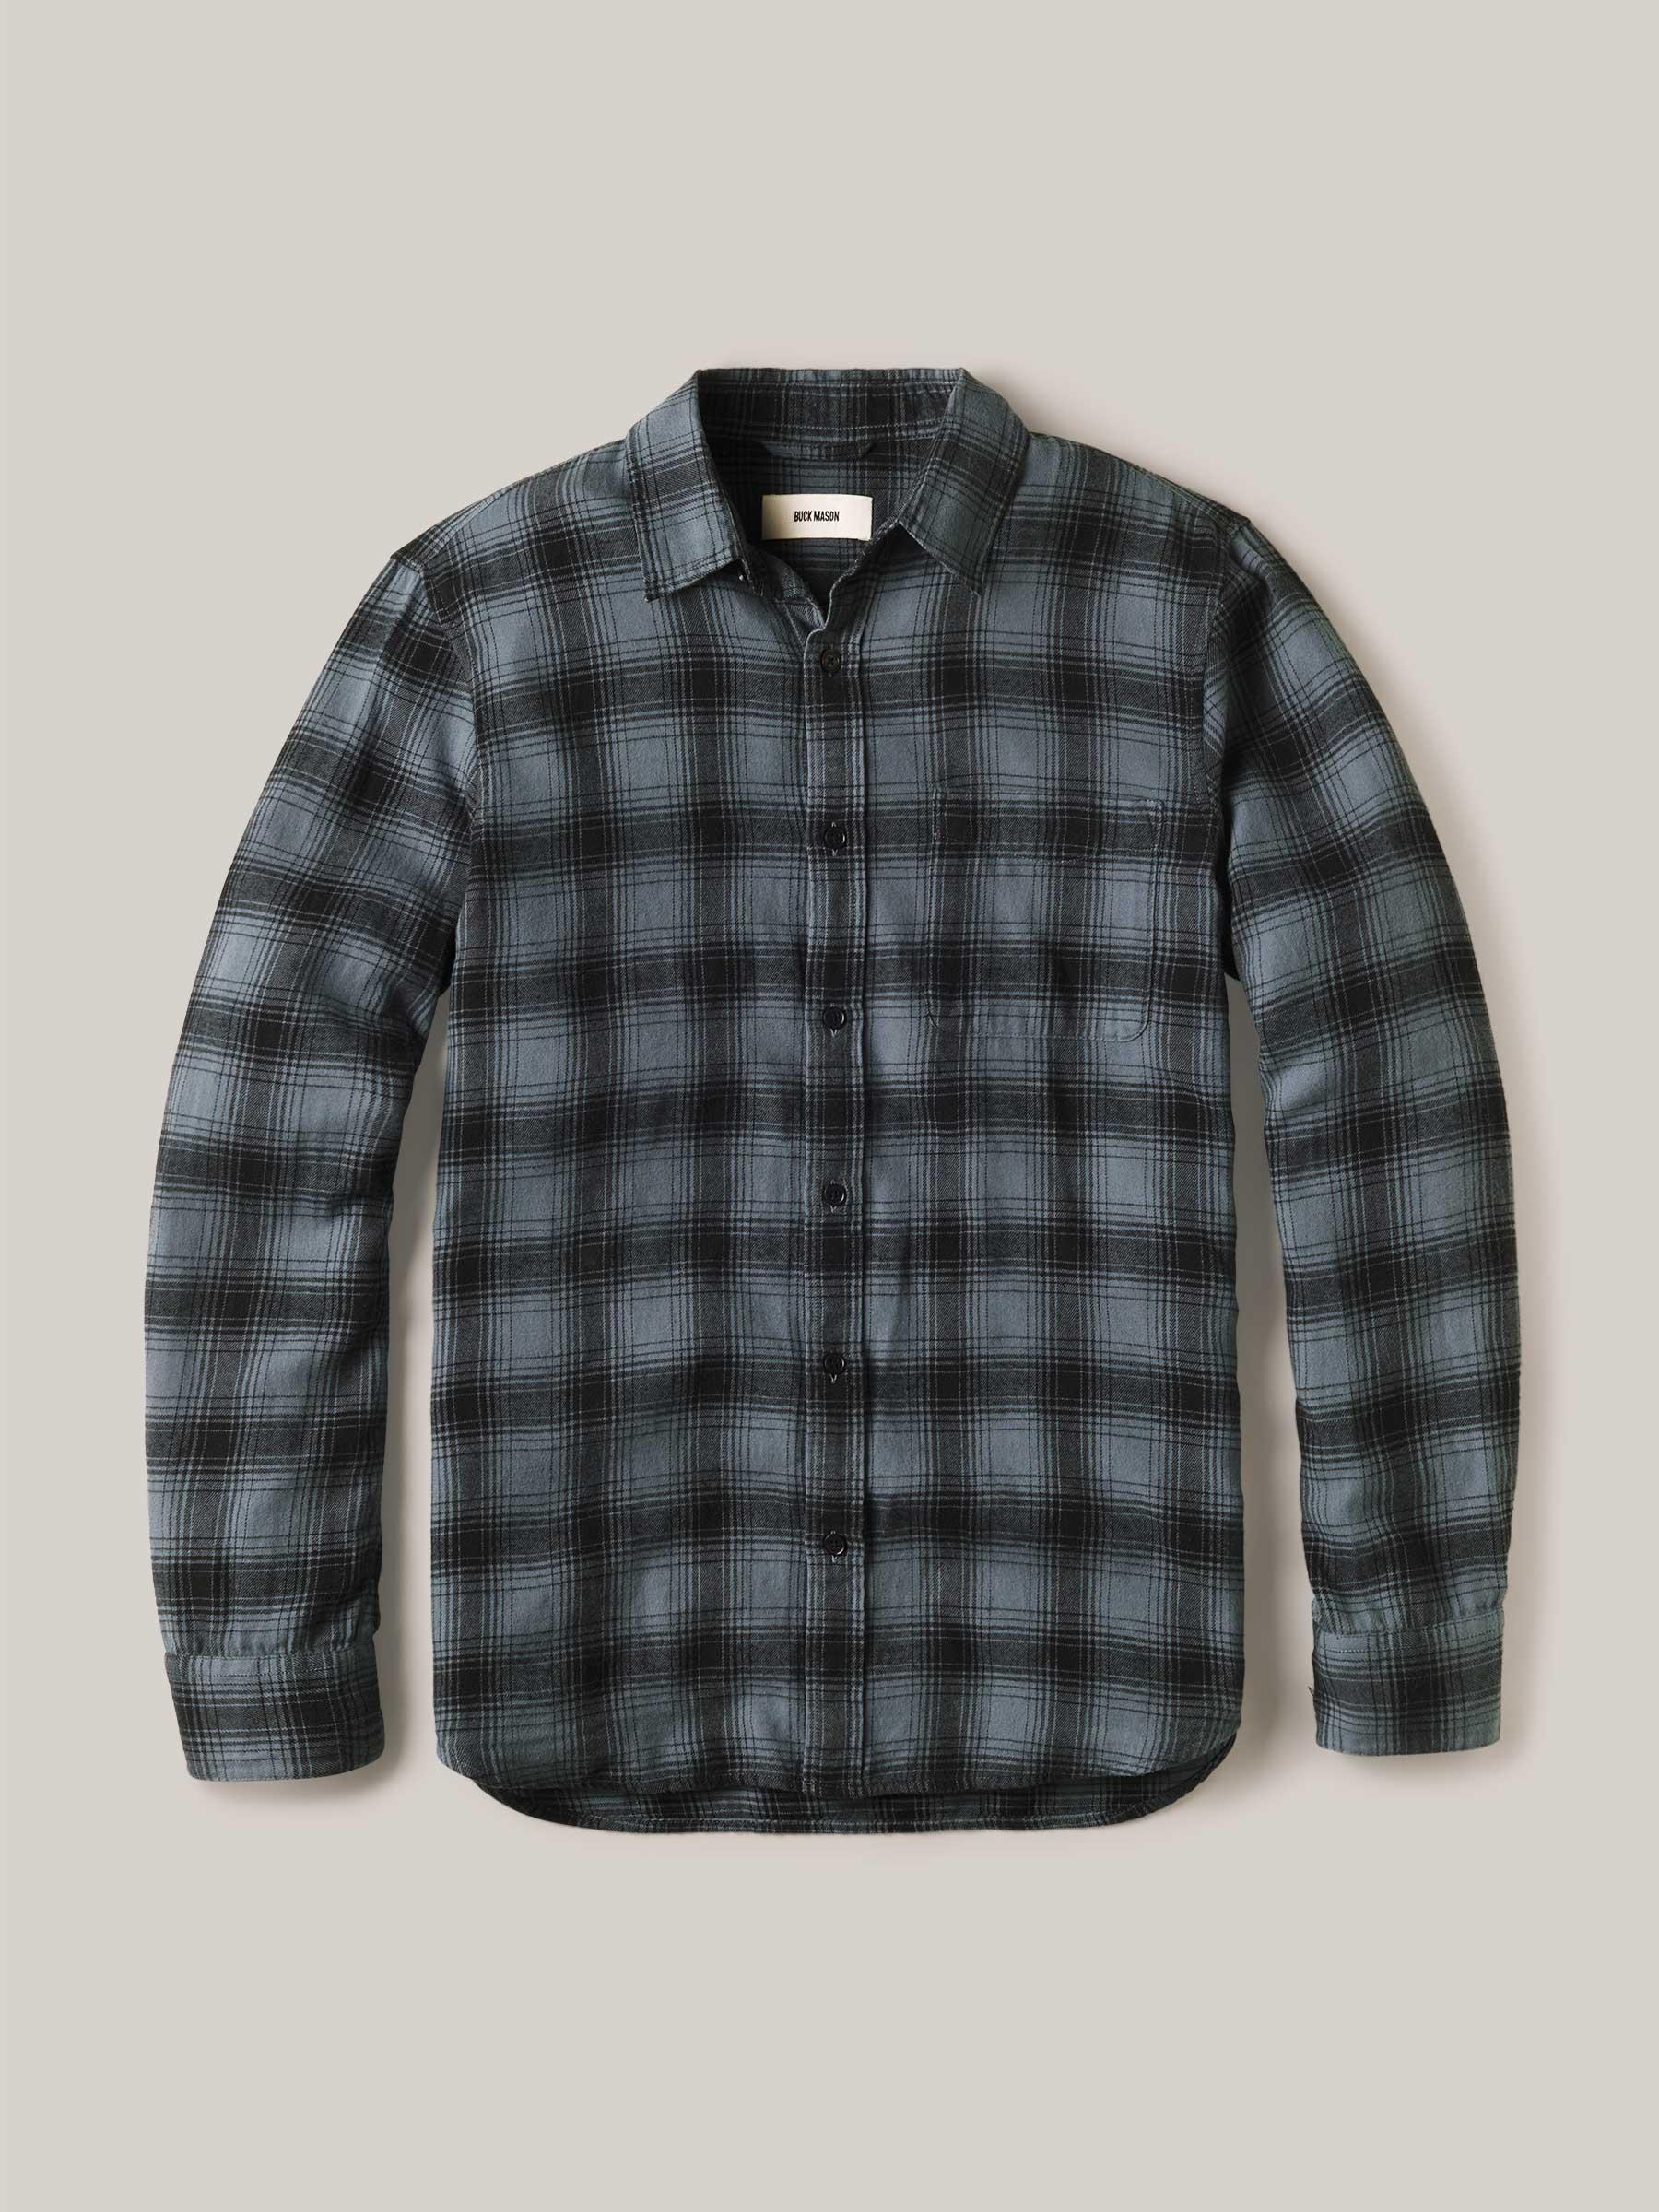 Buck Mason High Desert Flannel Shirt